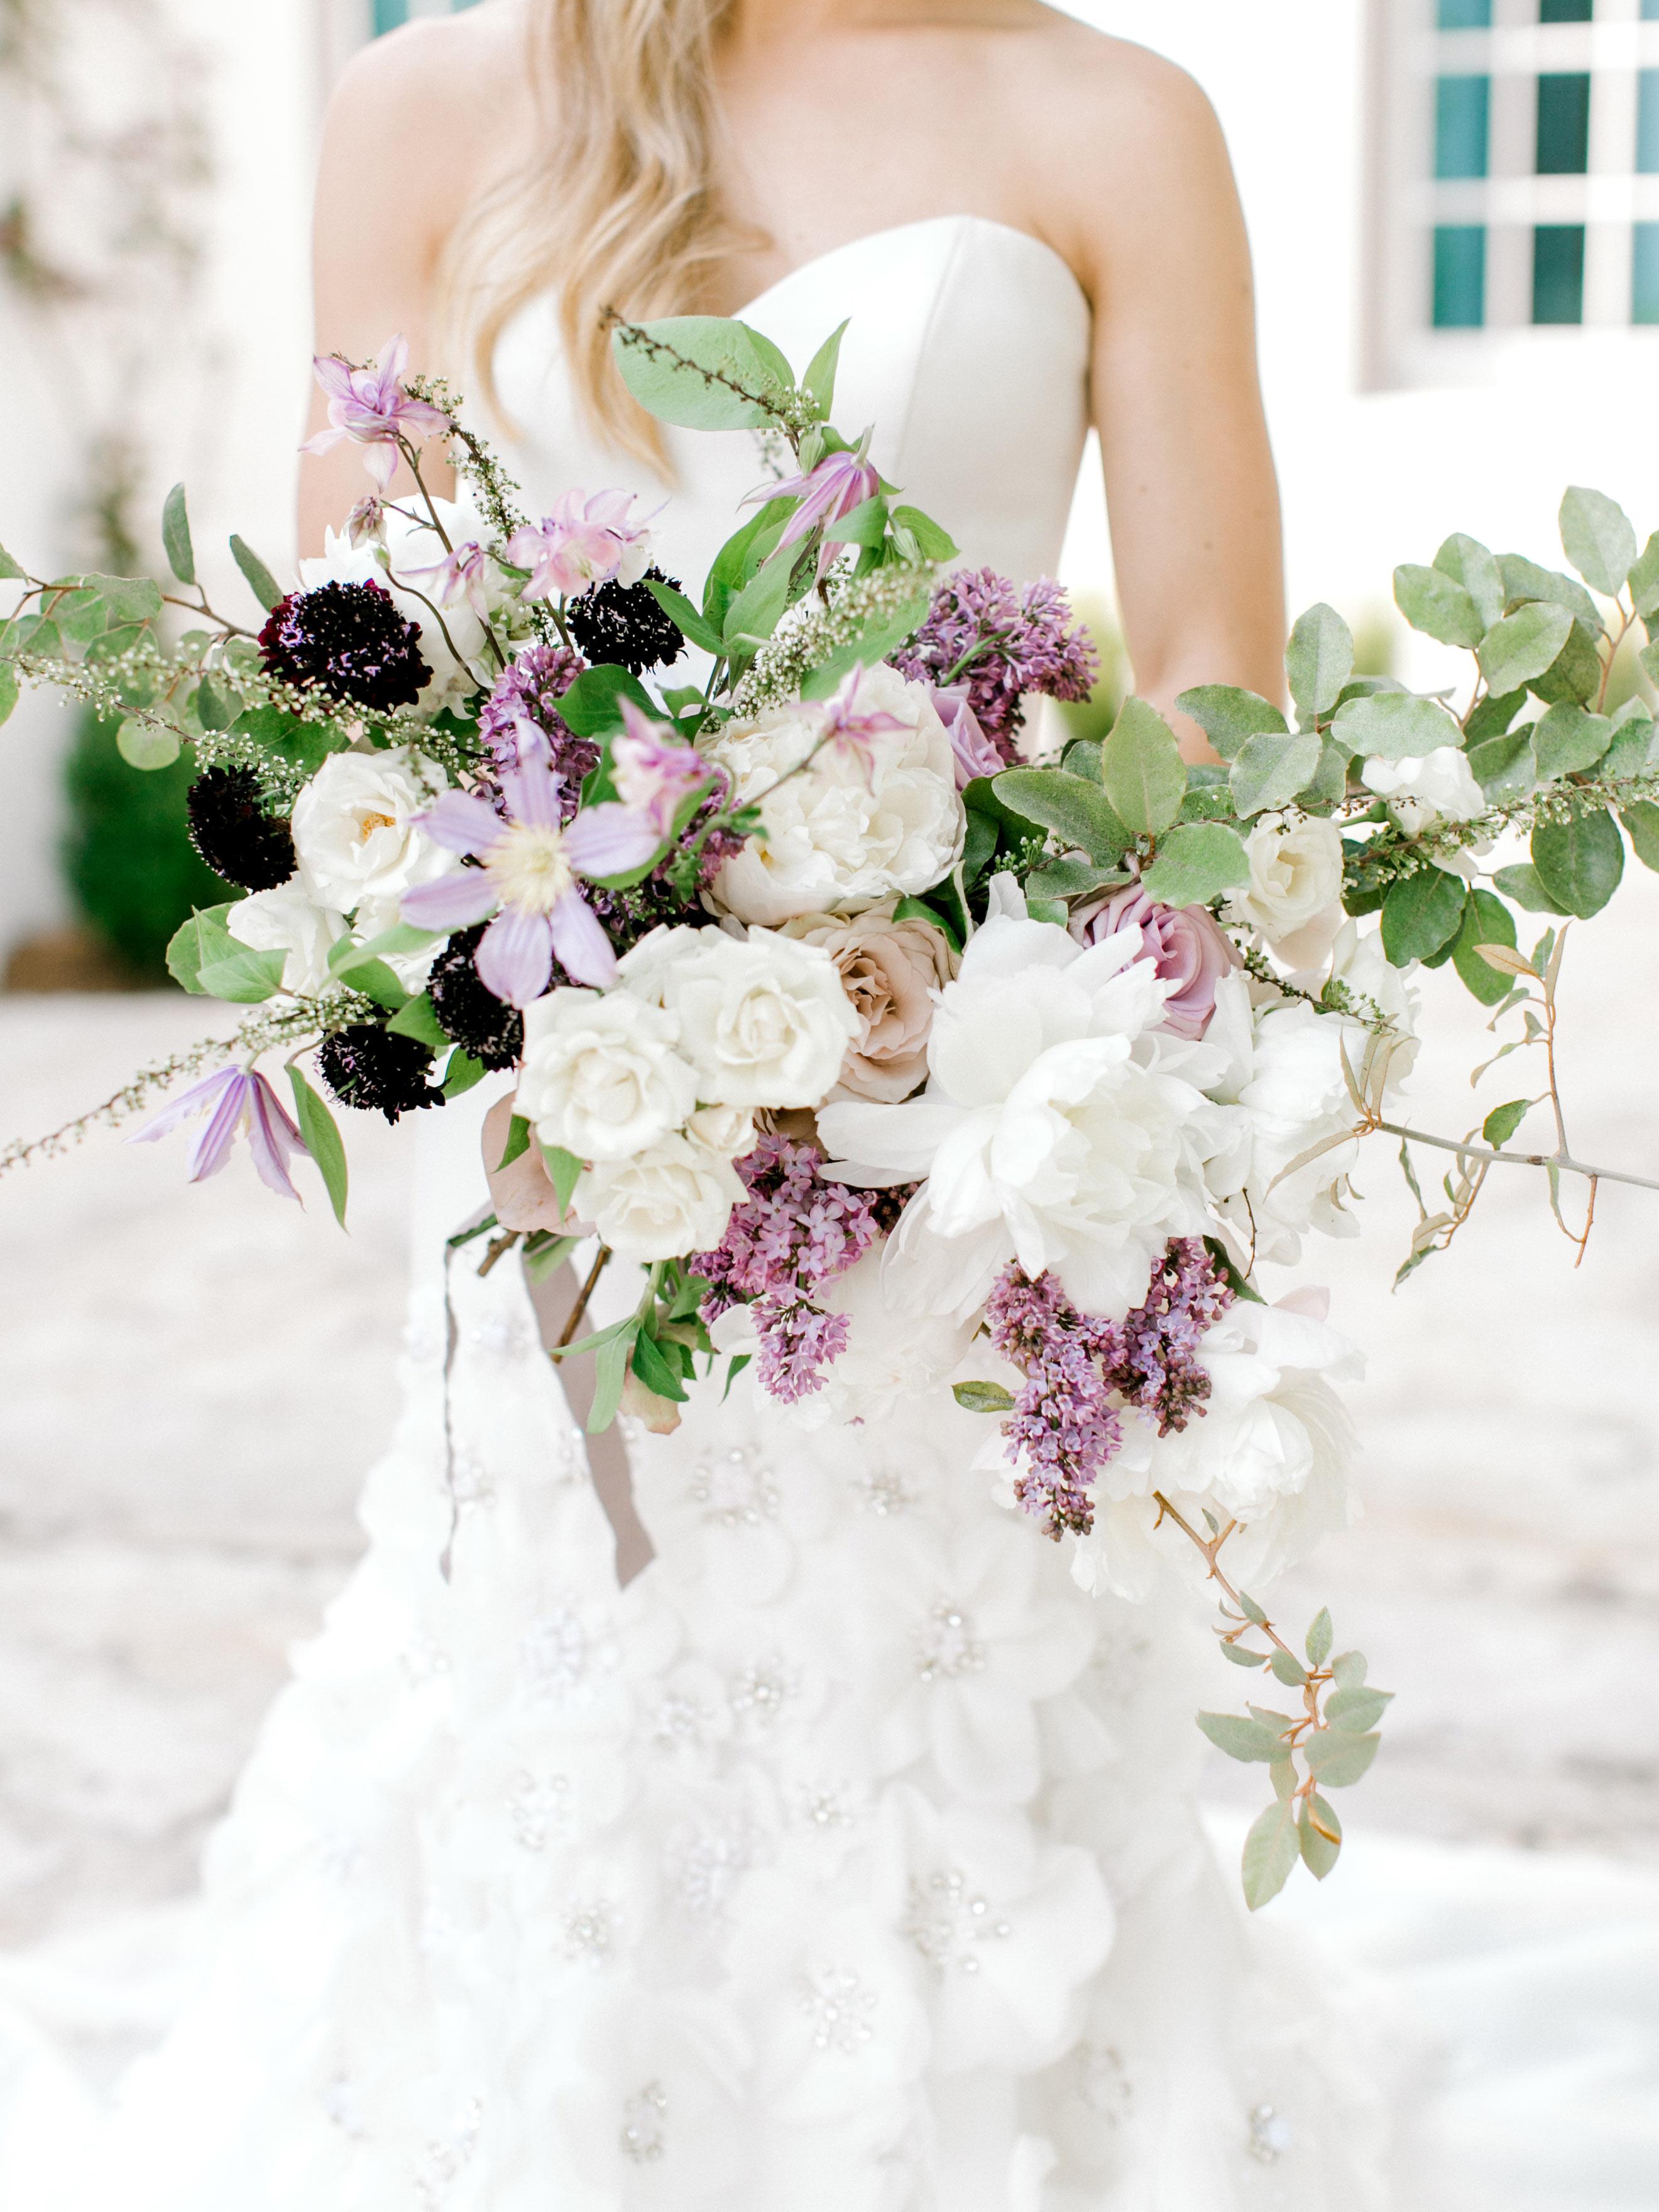 leighton craig wedding large flower bouquet